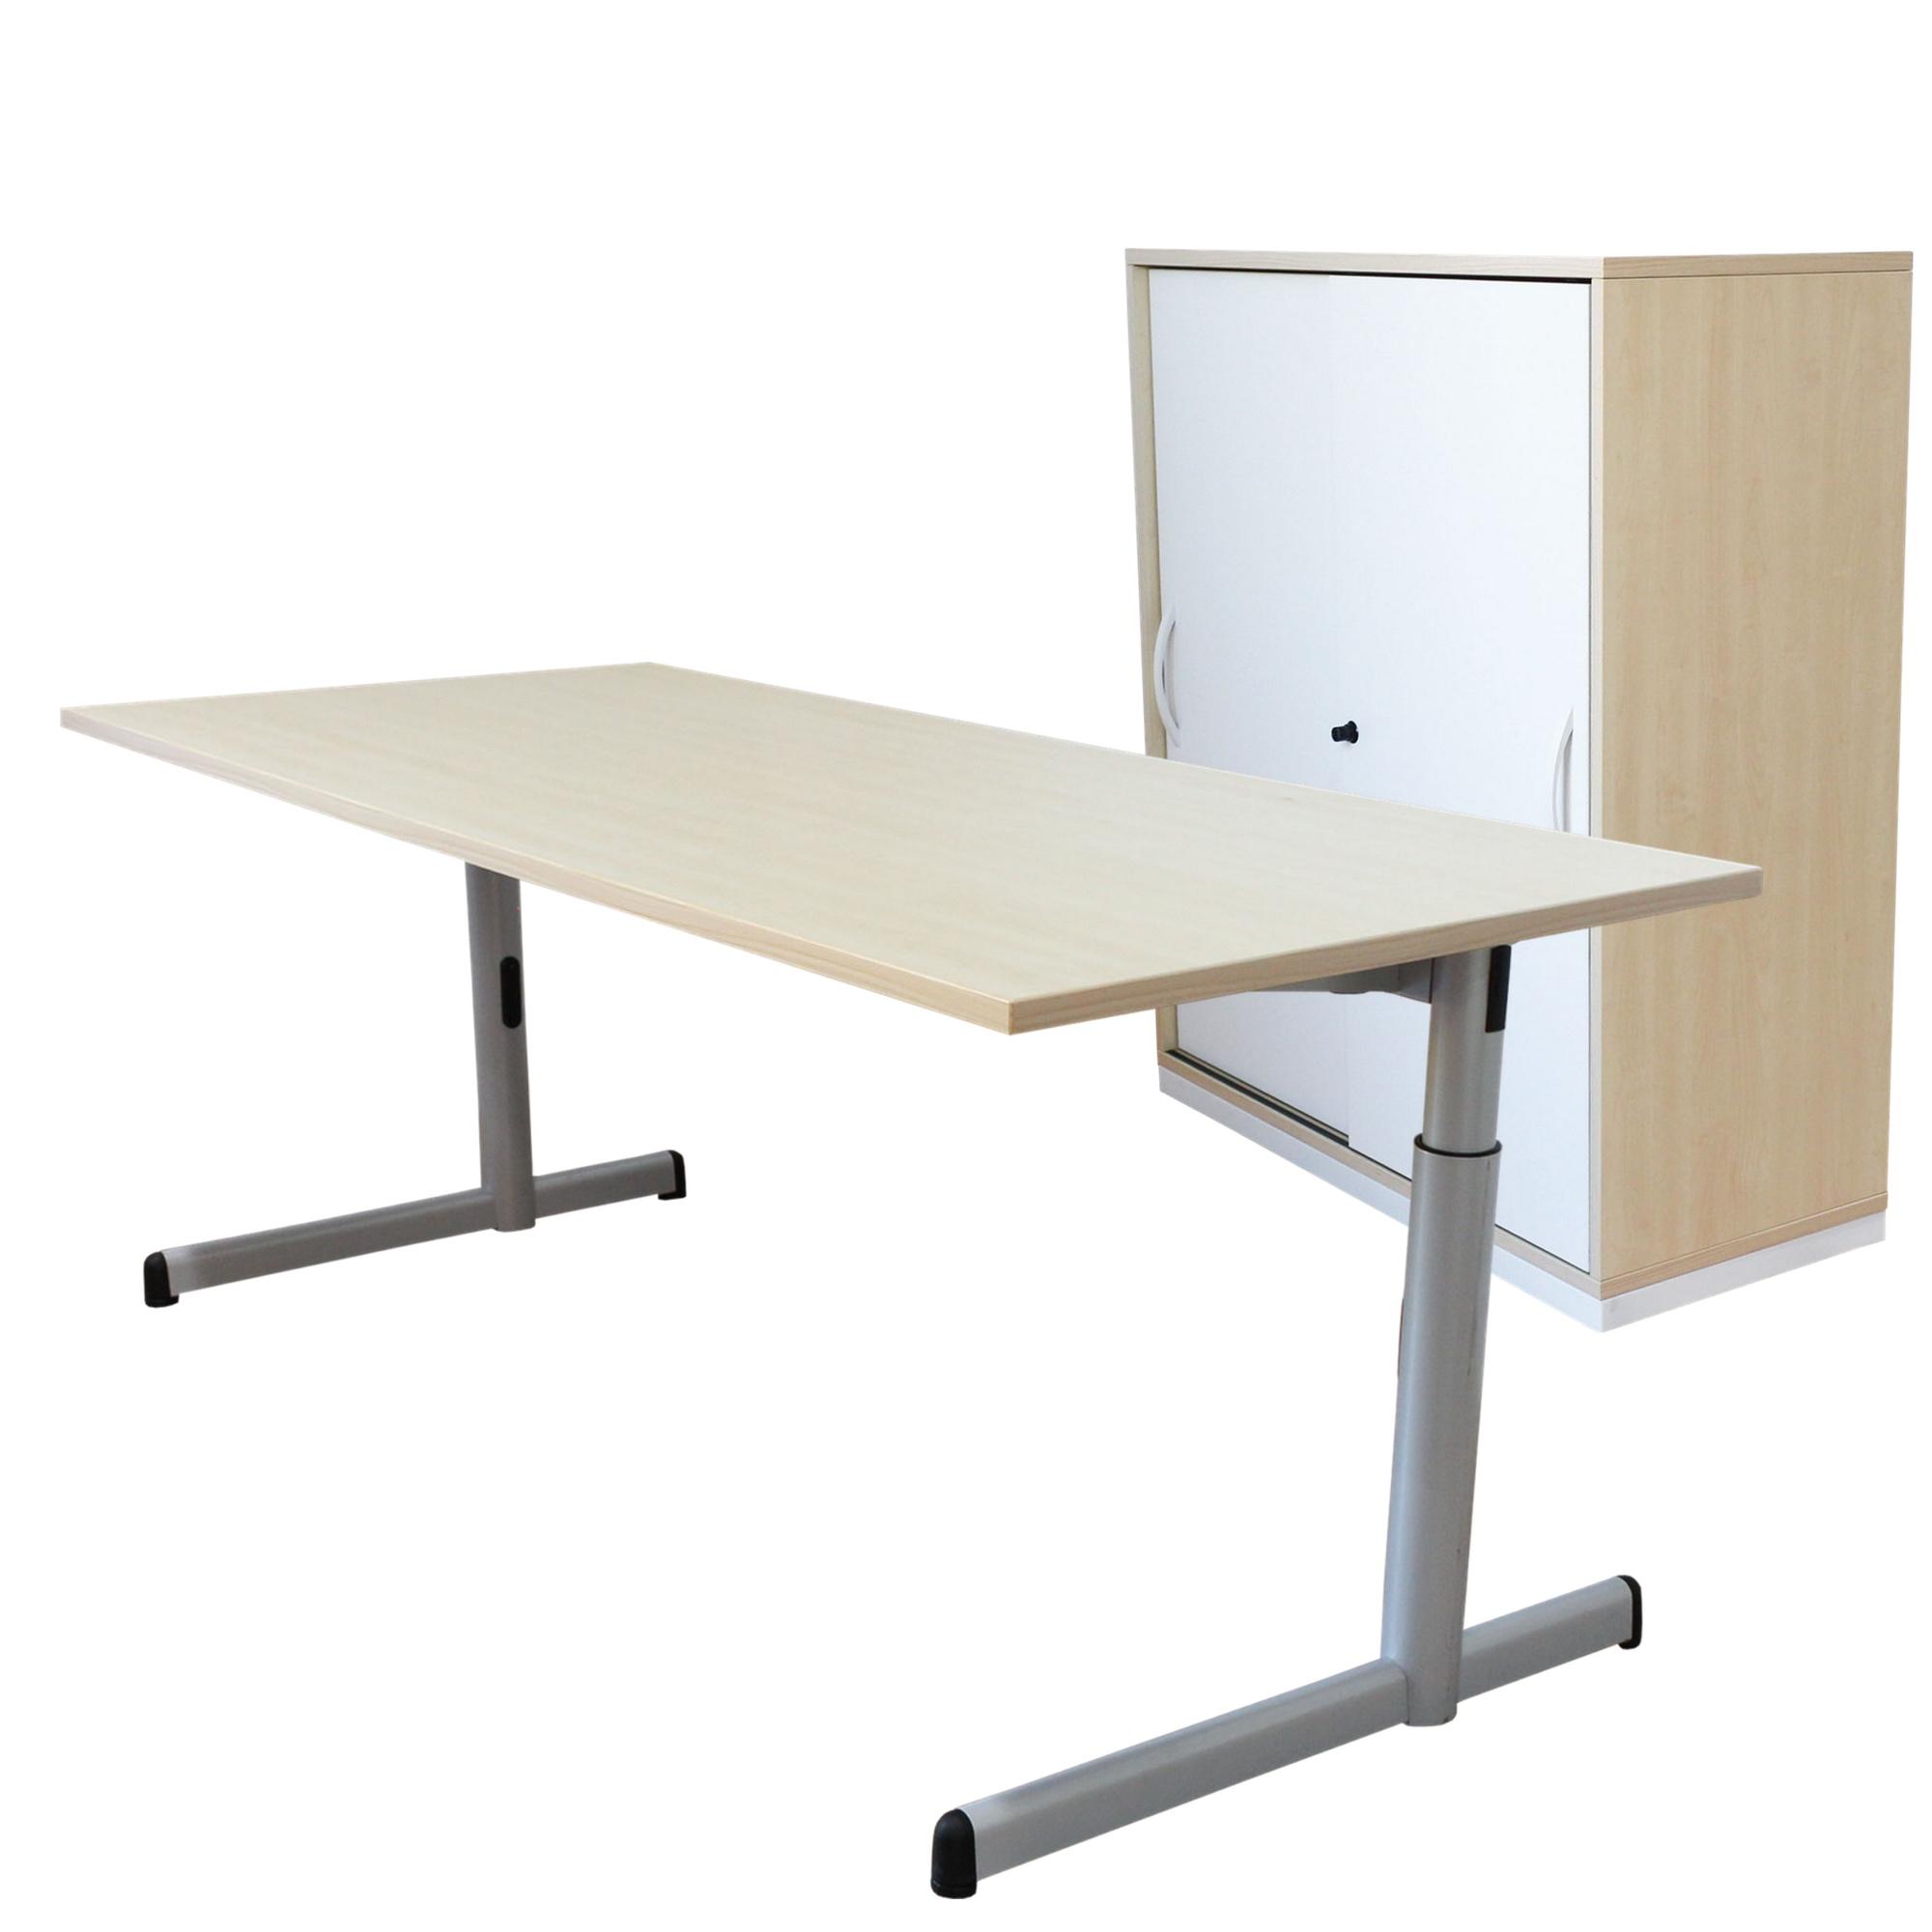 Steelcase arbeitsplatzkombination schreibtisch sideboard for Schreibtisch aus ahorn